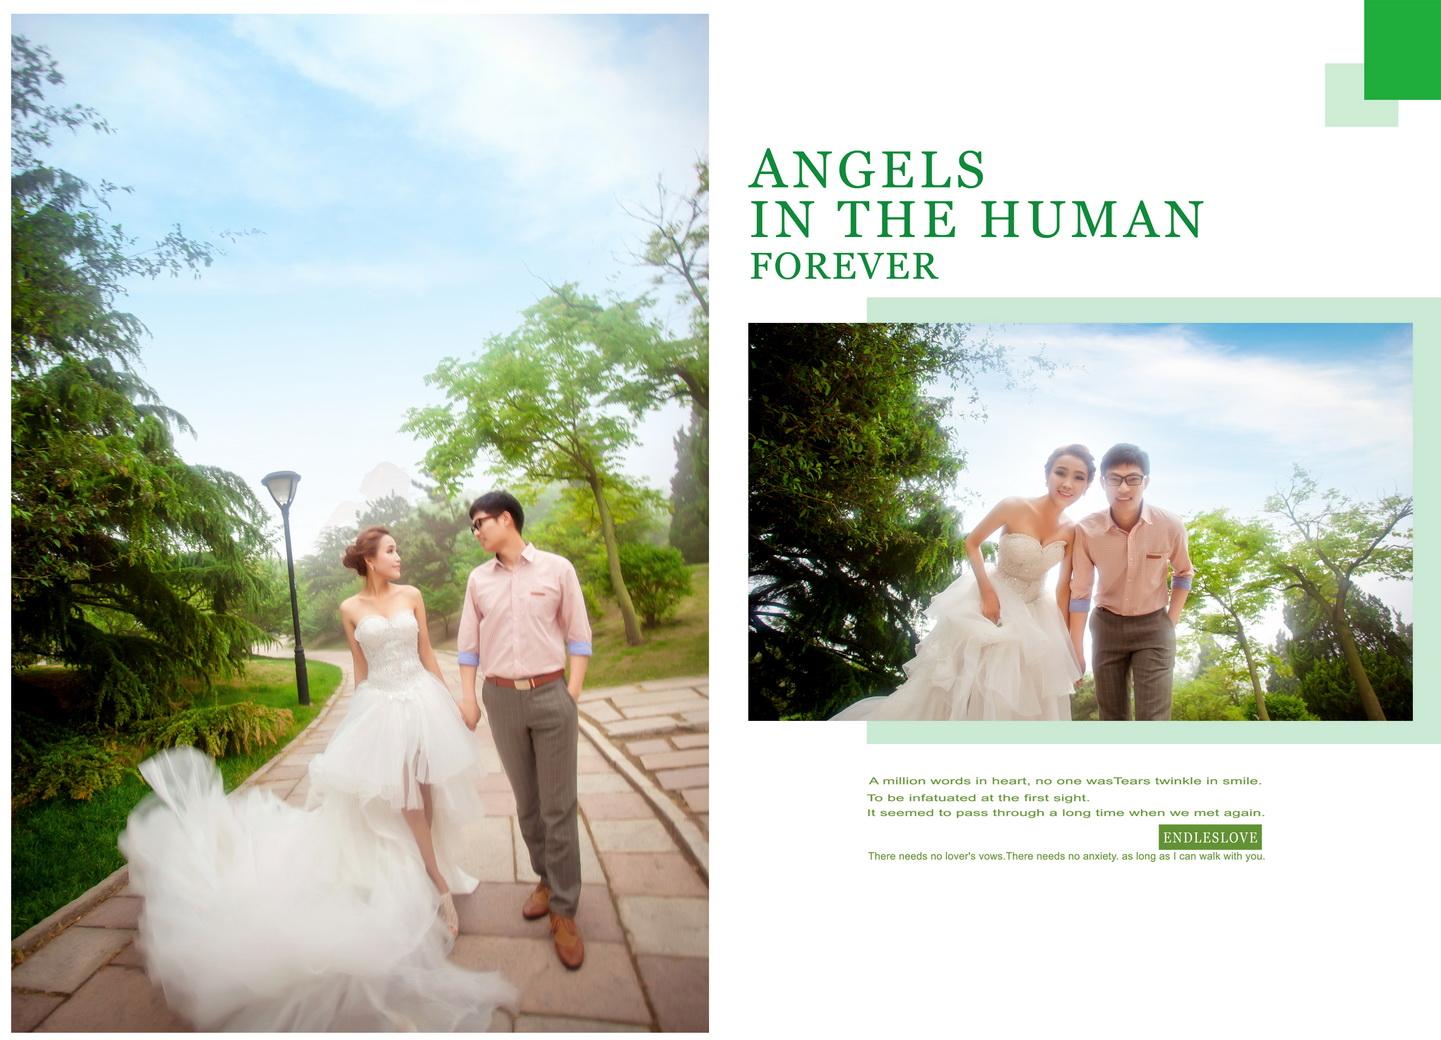 婚纱照相册排版欣赏 图片合集图片